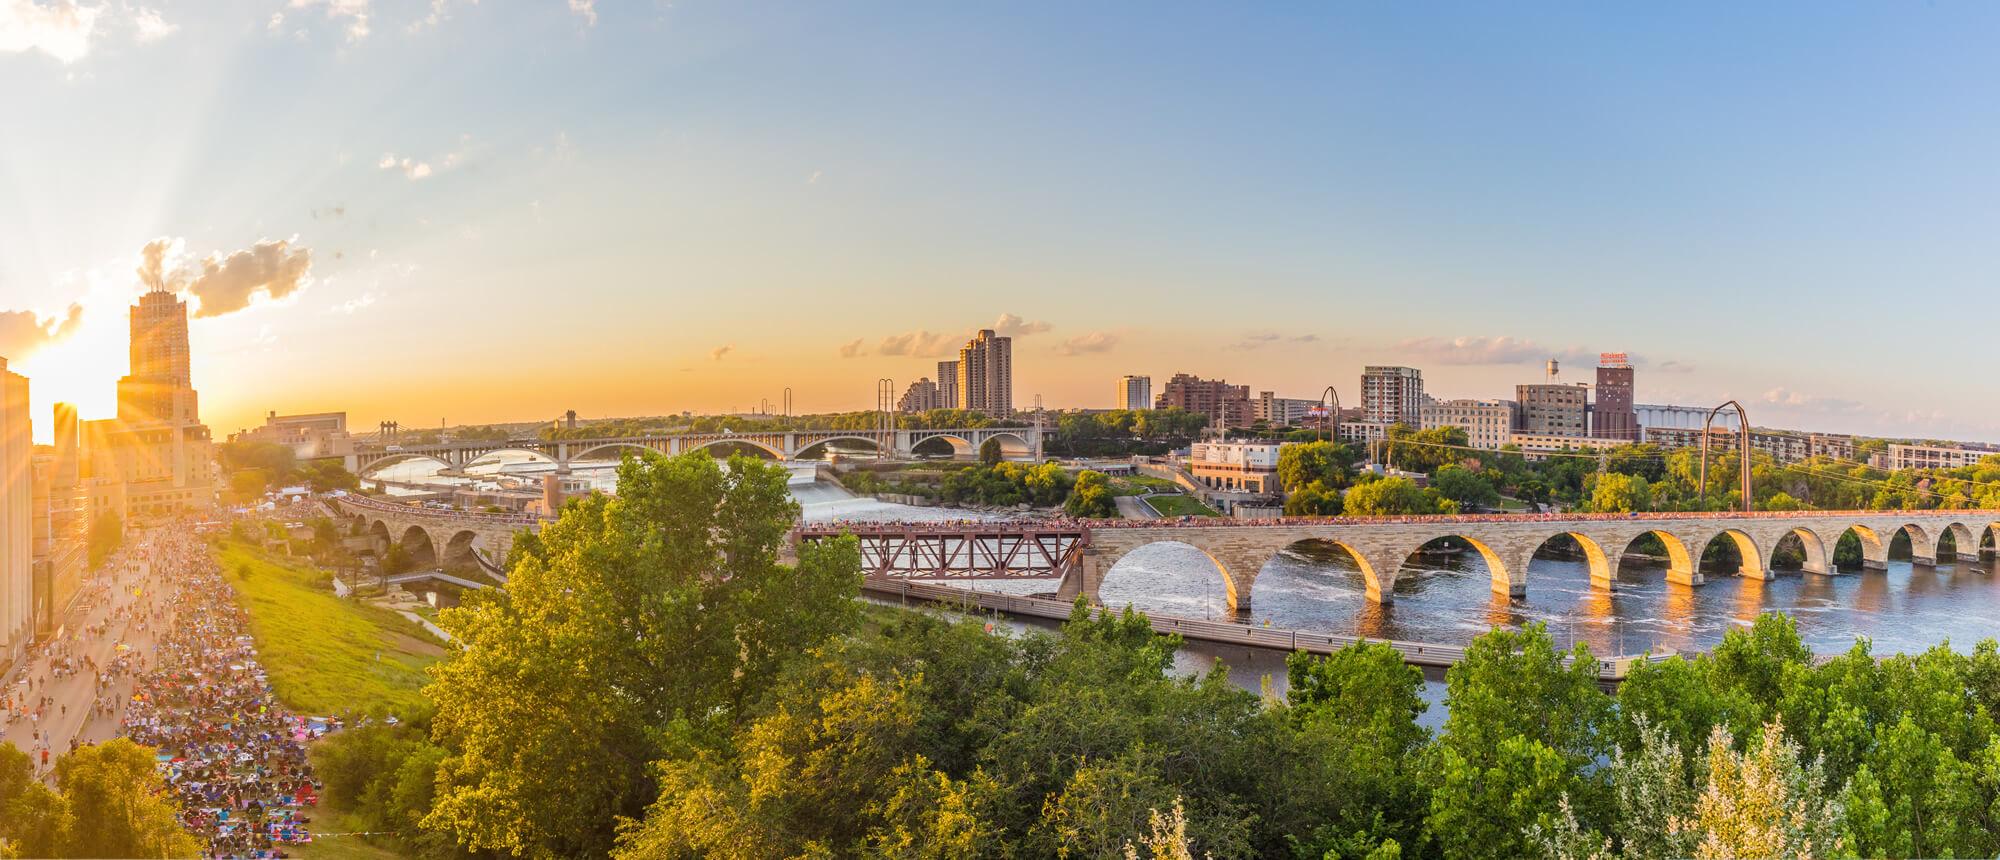 Minneapolis Minnesota at sunset